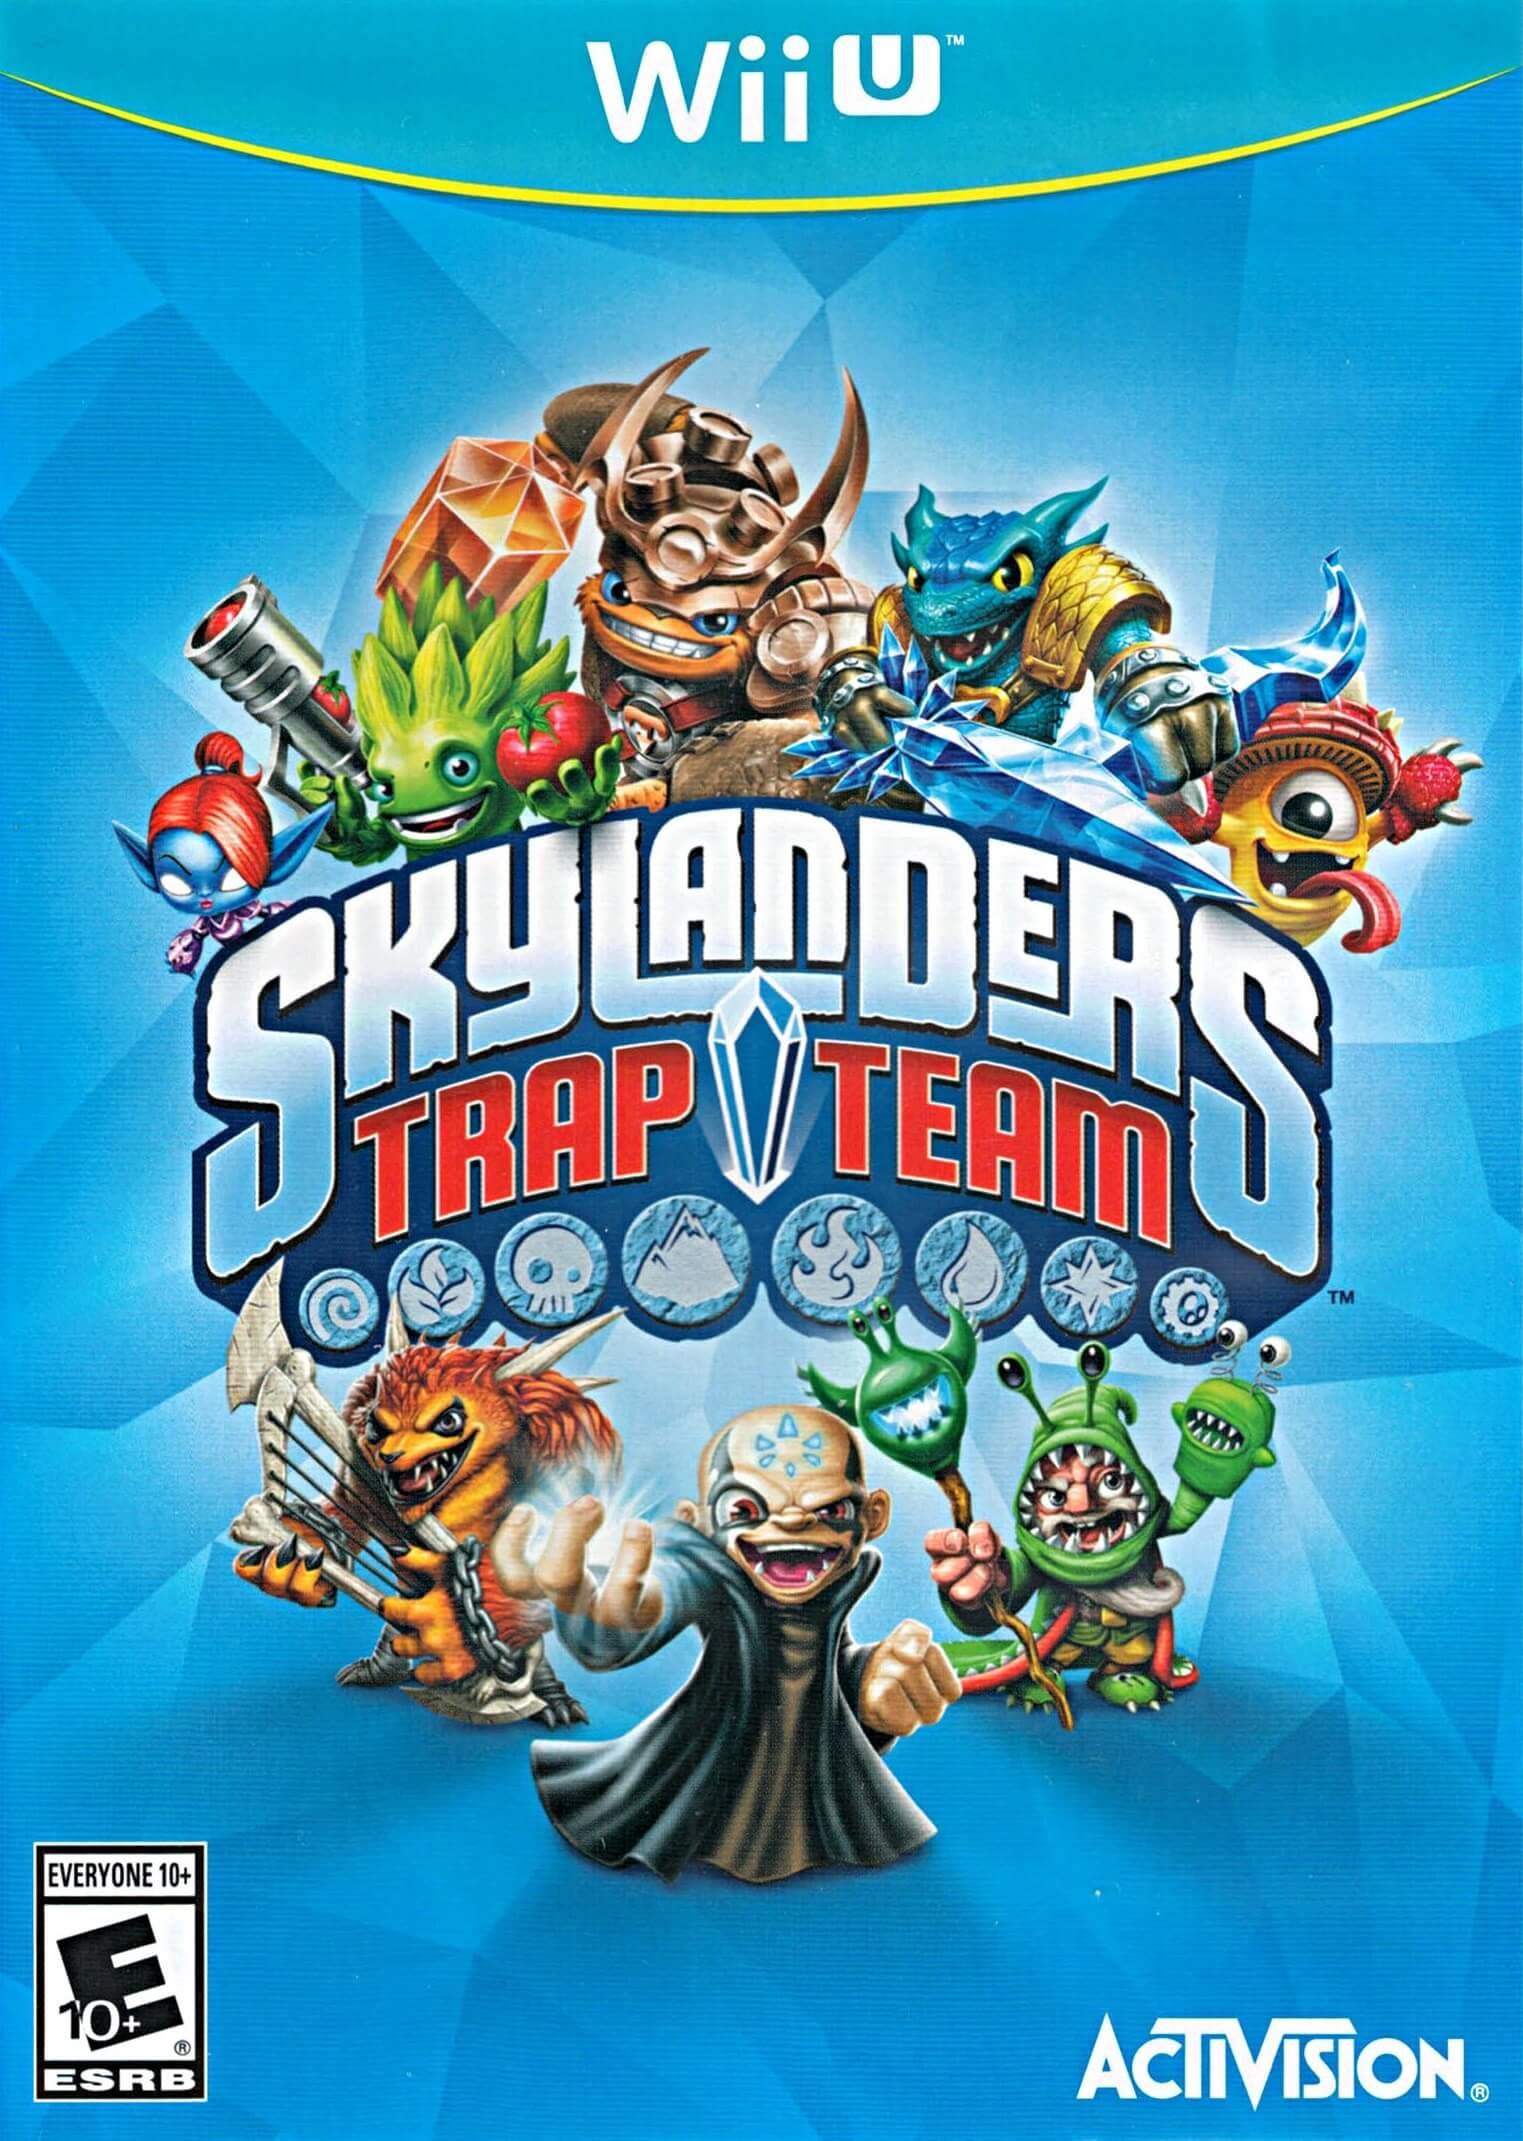 Skylanders Trap Team Wiiu Rom Iso Nintendo Wiiu Download